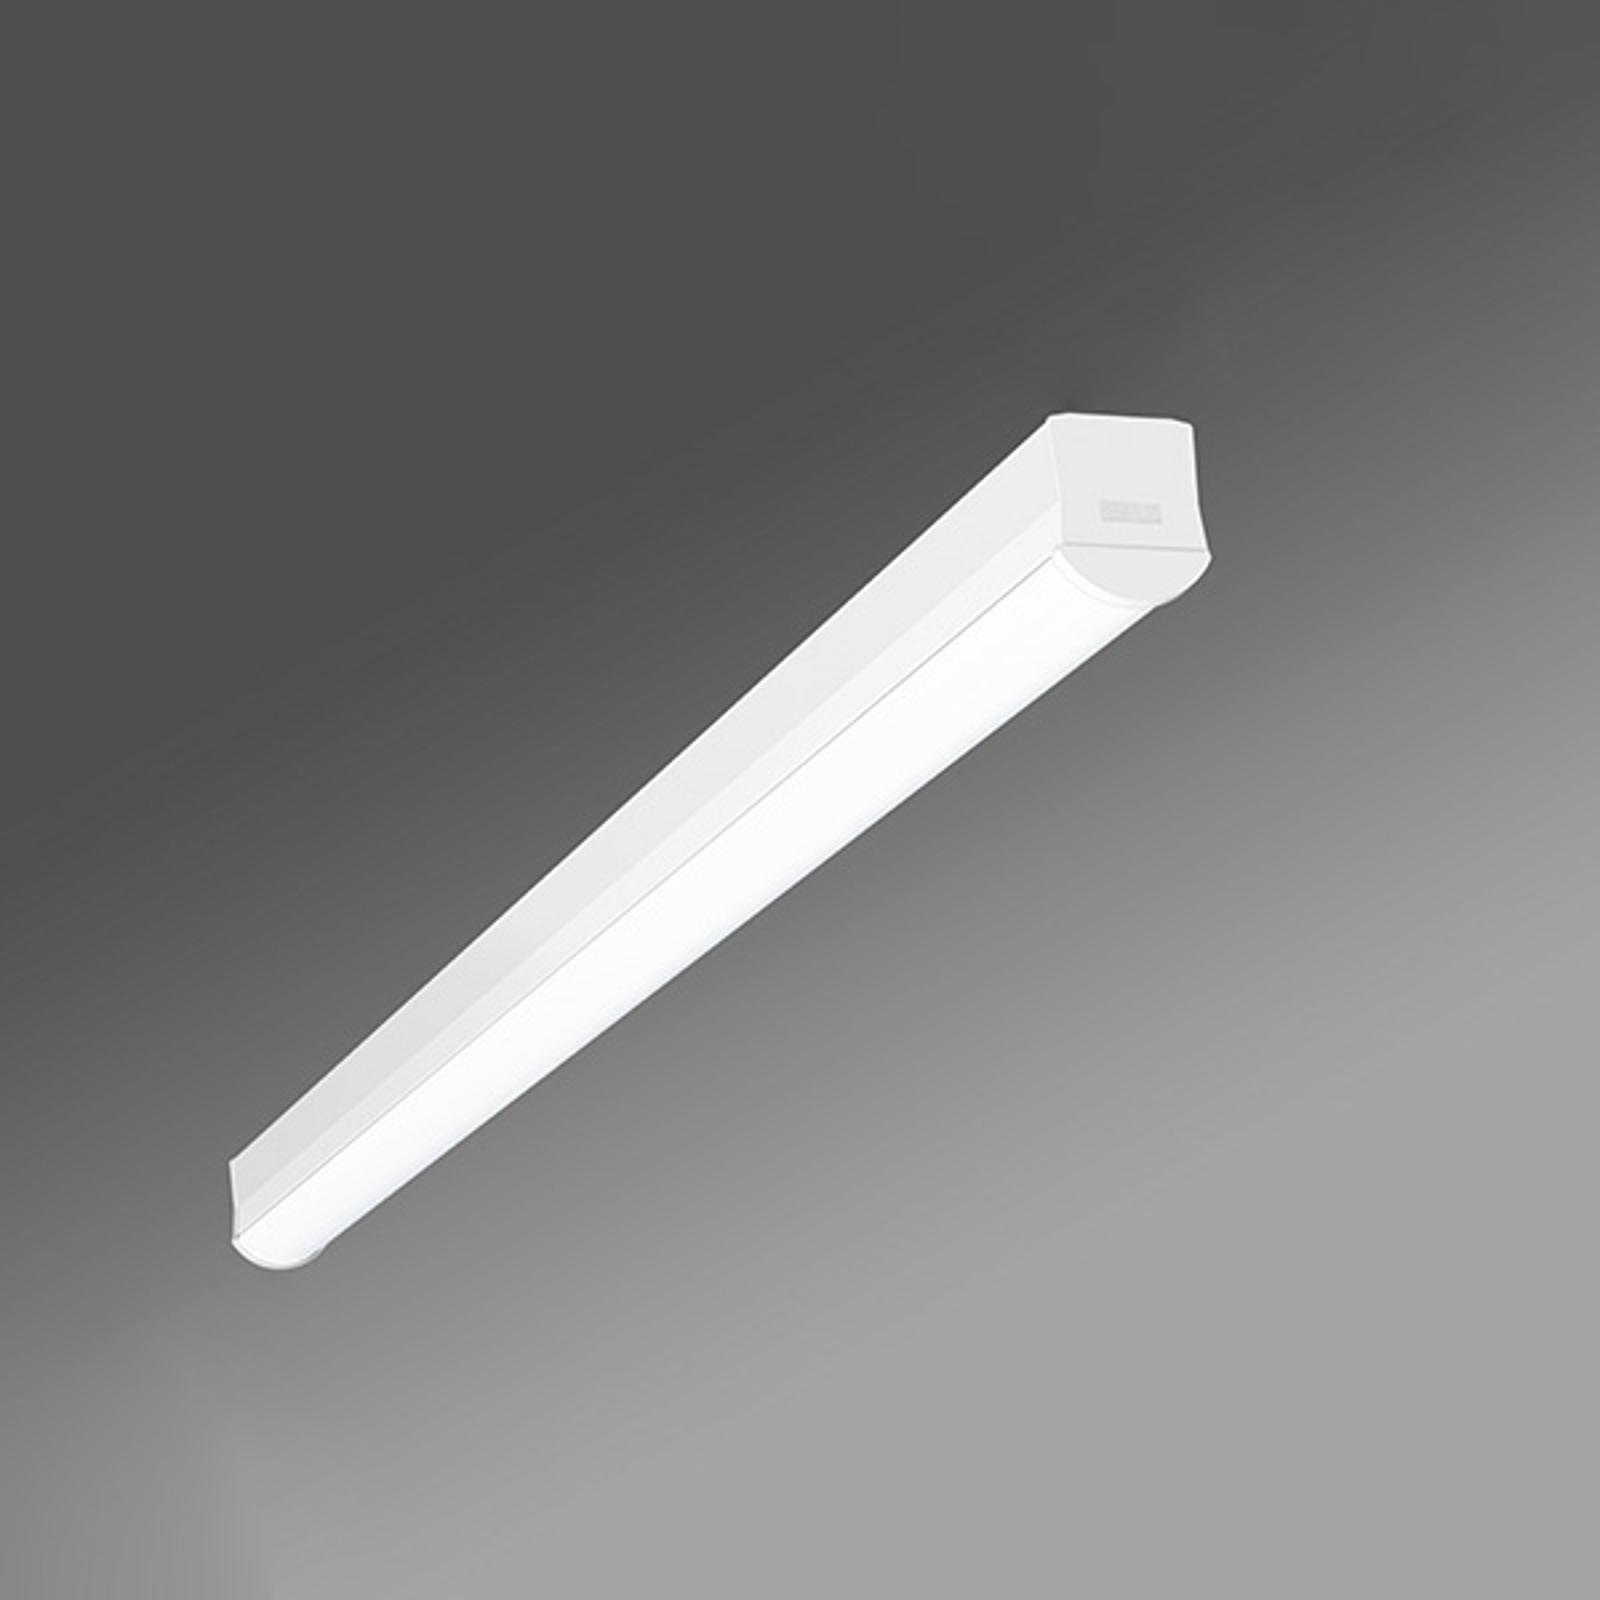 Long plafonnier LED Ilia-ILG/1200 3000K